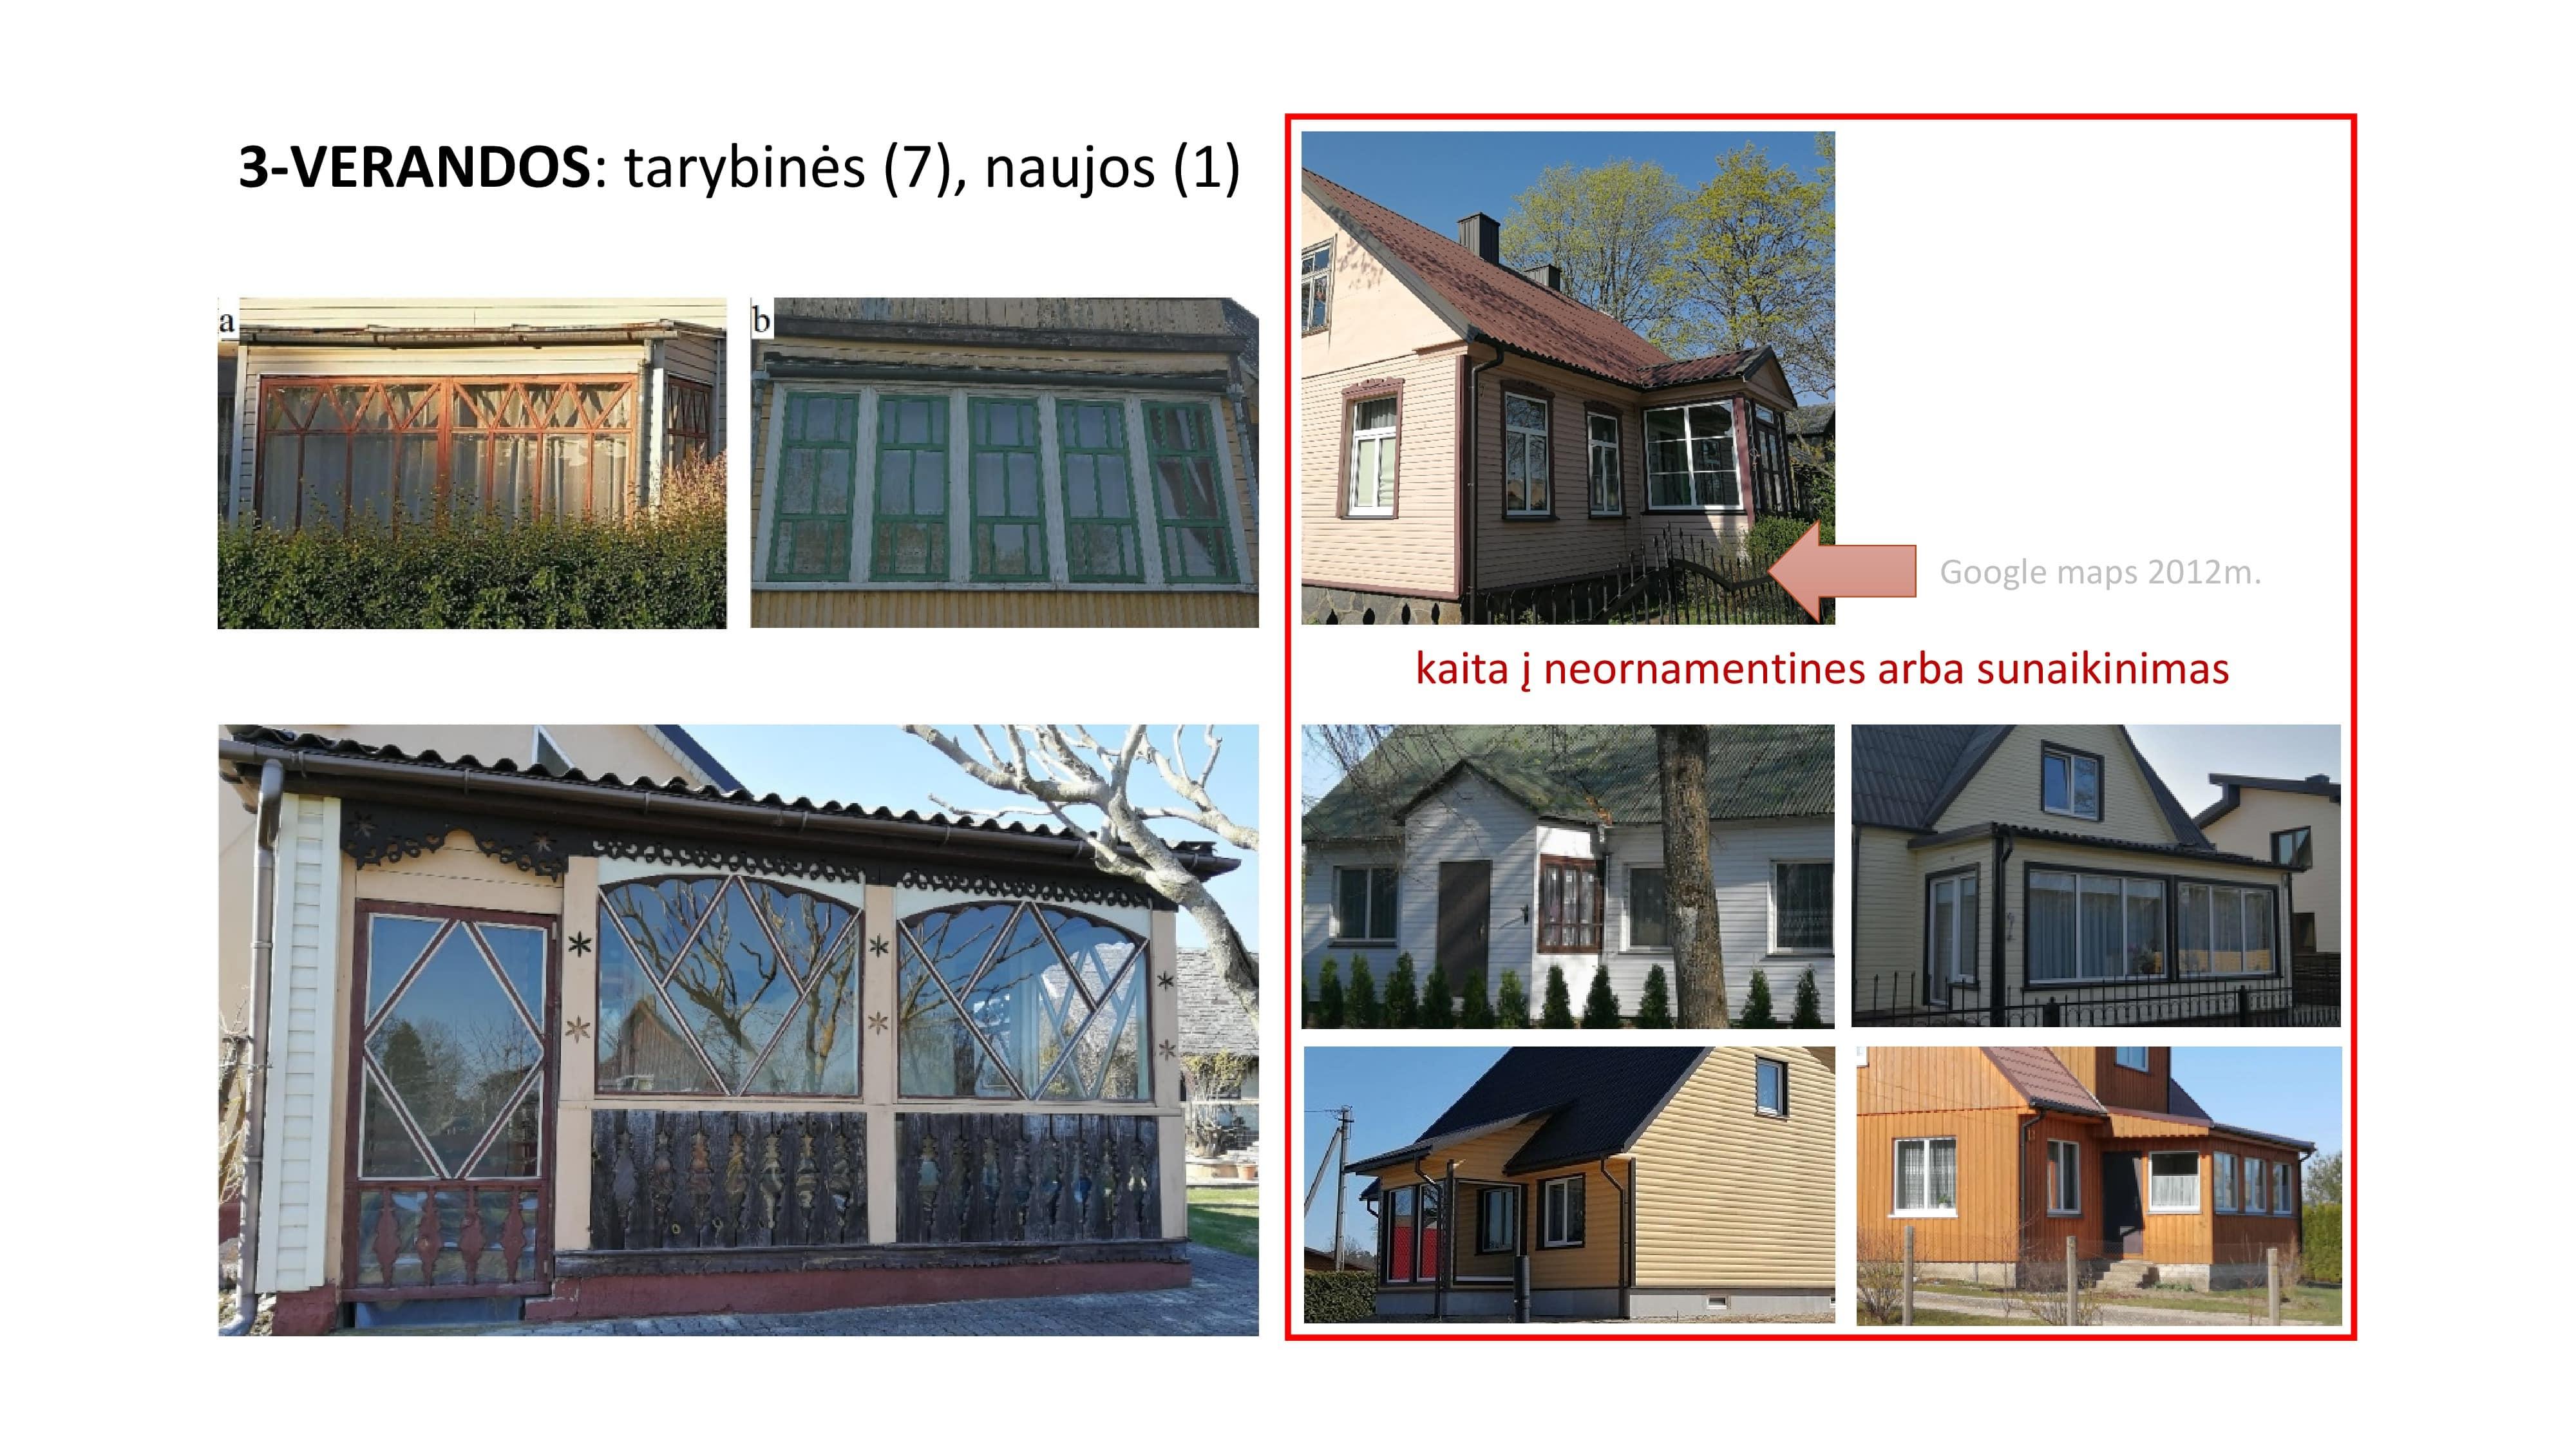 tarybinio laikotarpio ir naujosios verandos